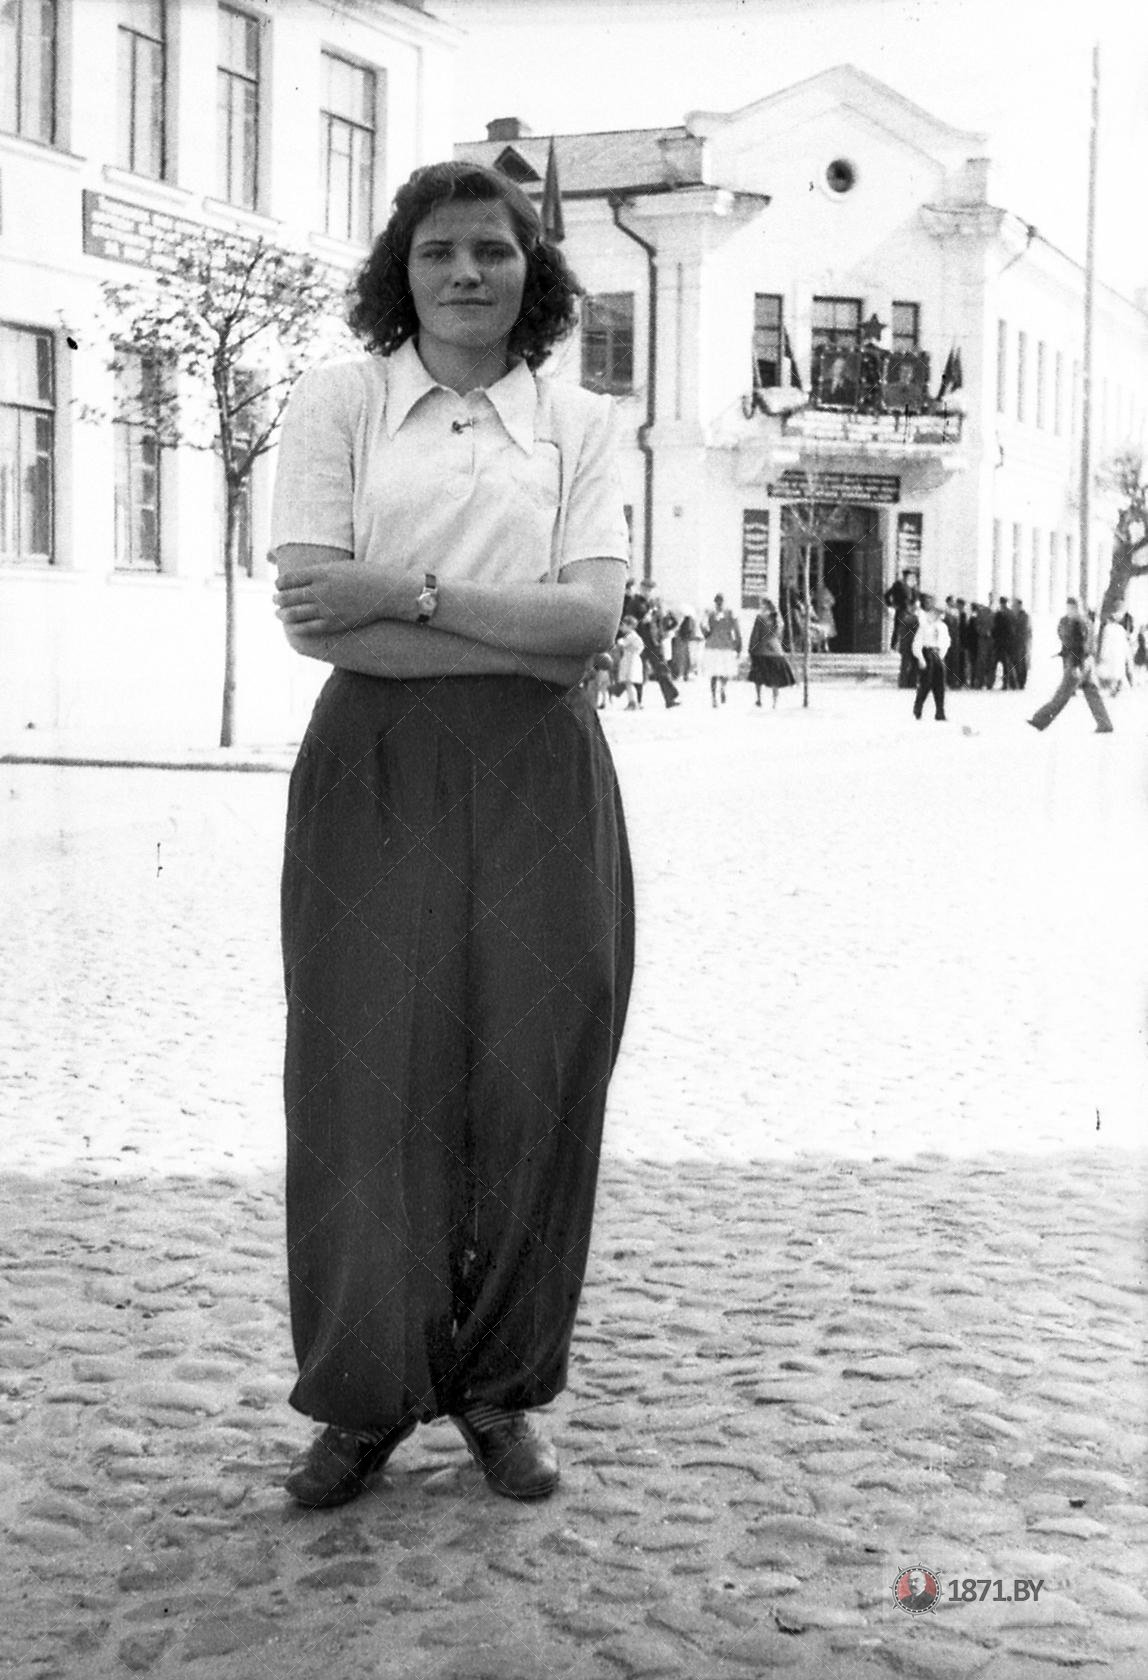 Девушка на улице Комсомольской. За спиной гостиница